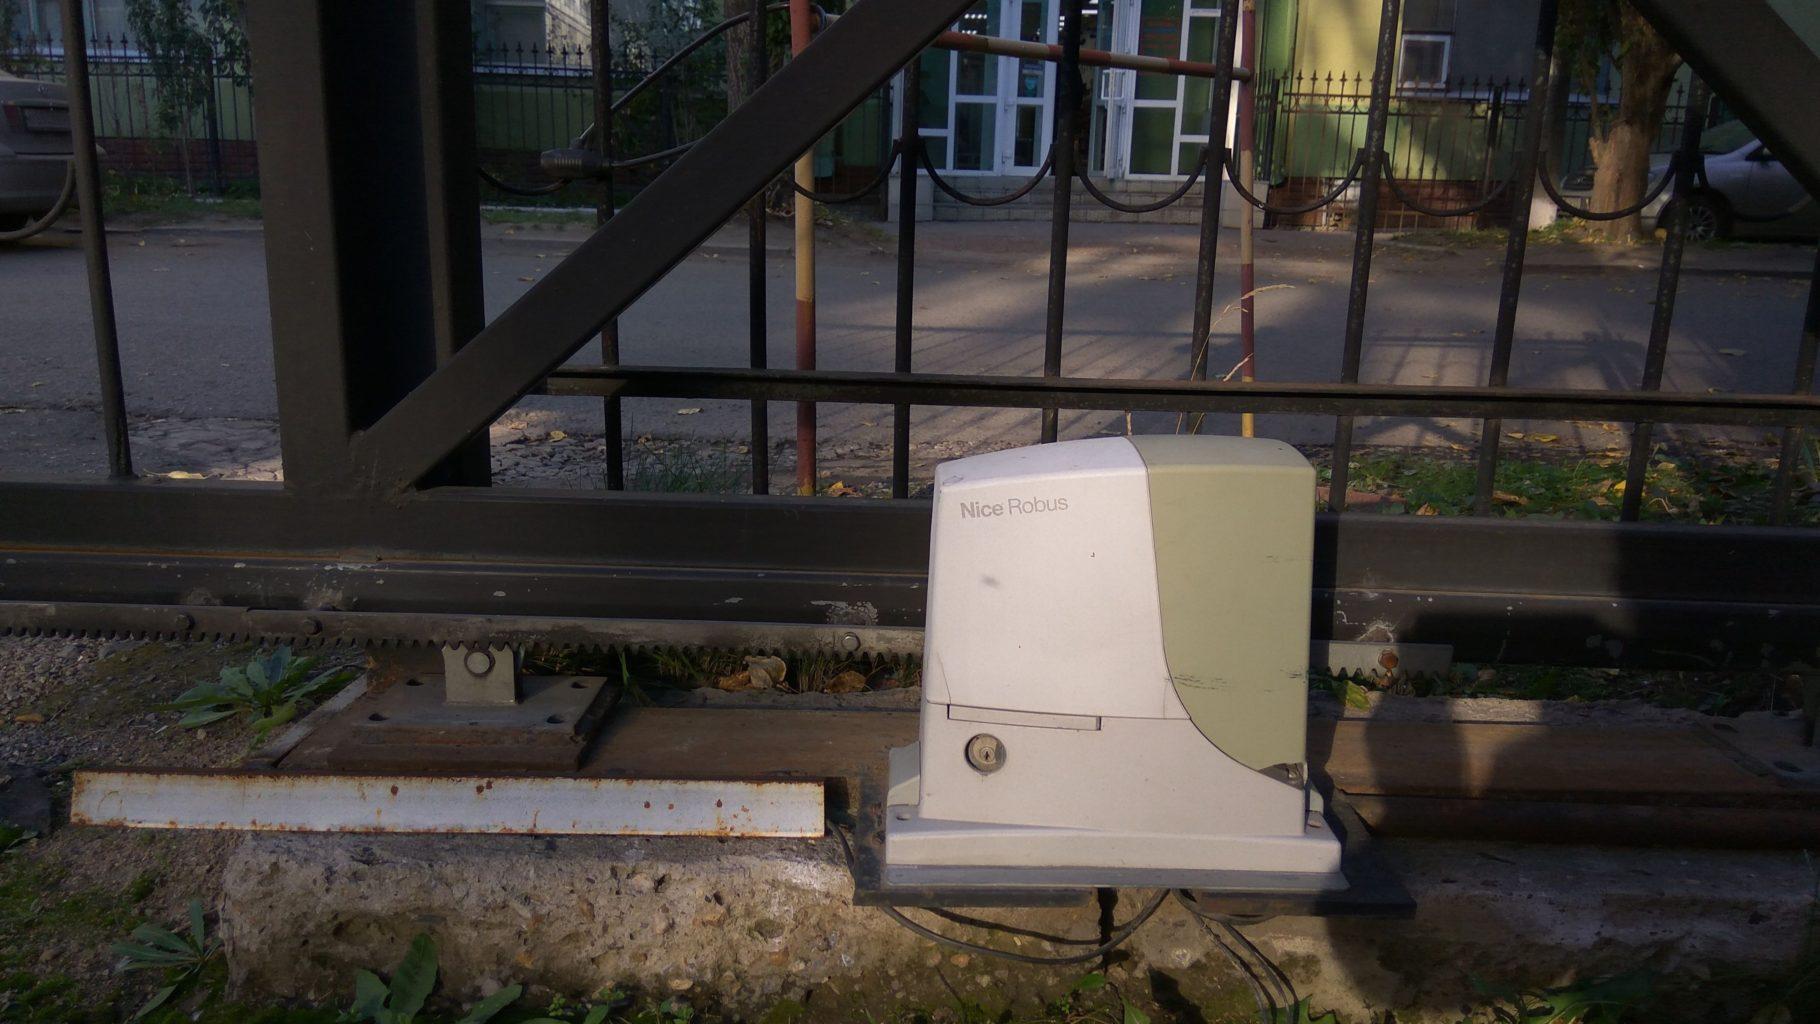 Электропривод Robus на откатные ворота Найс